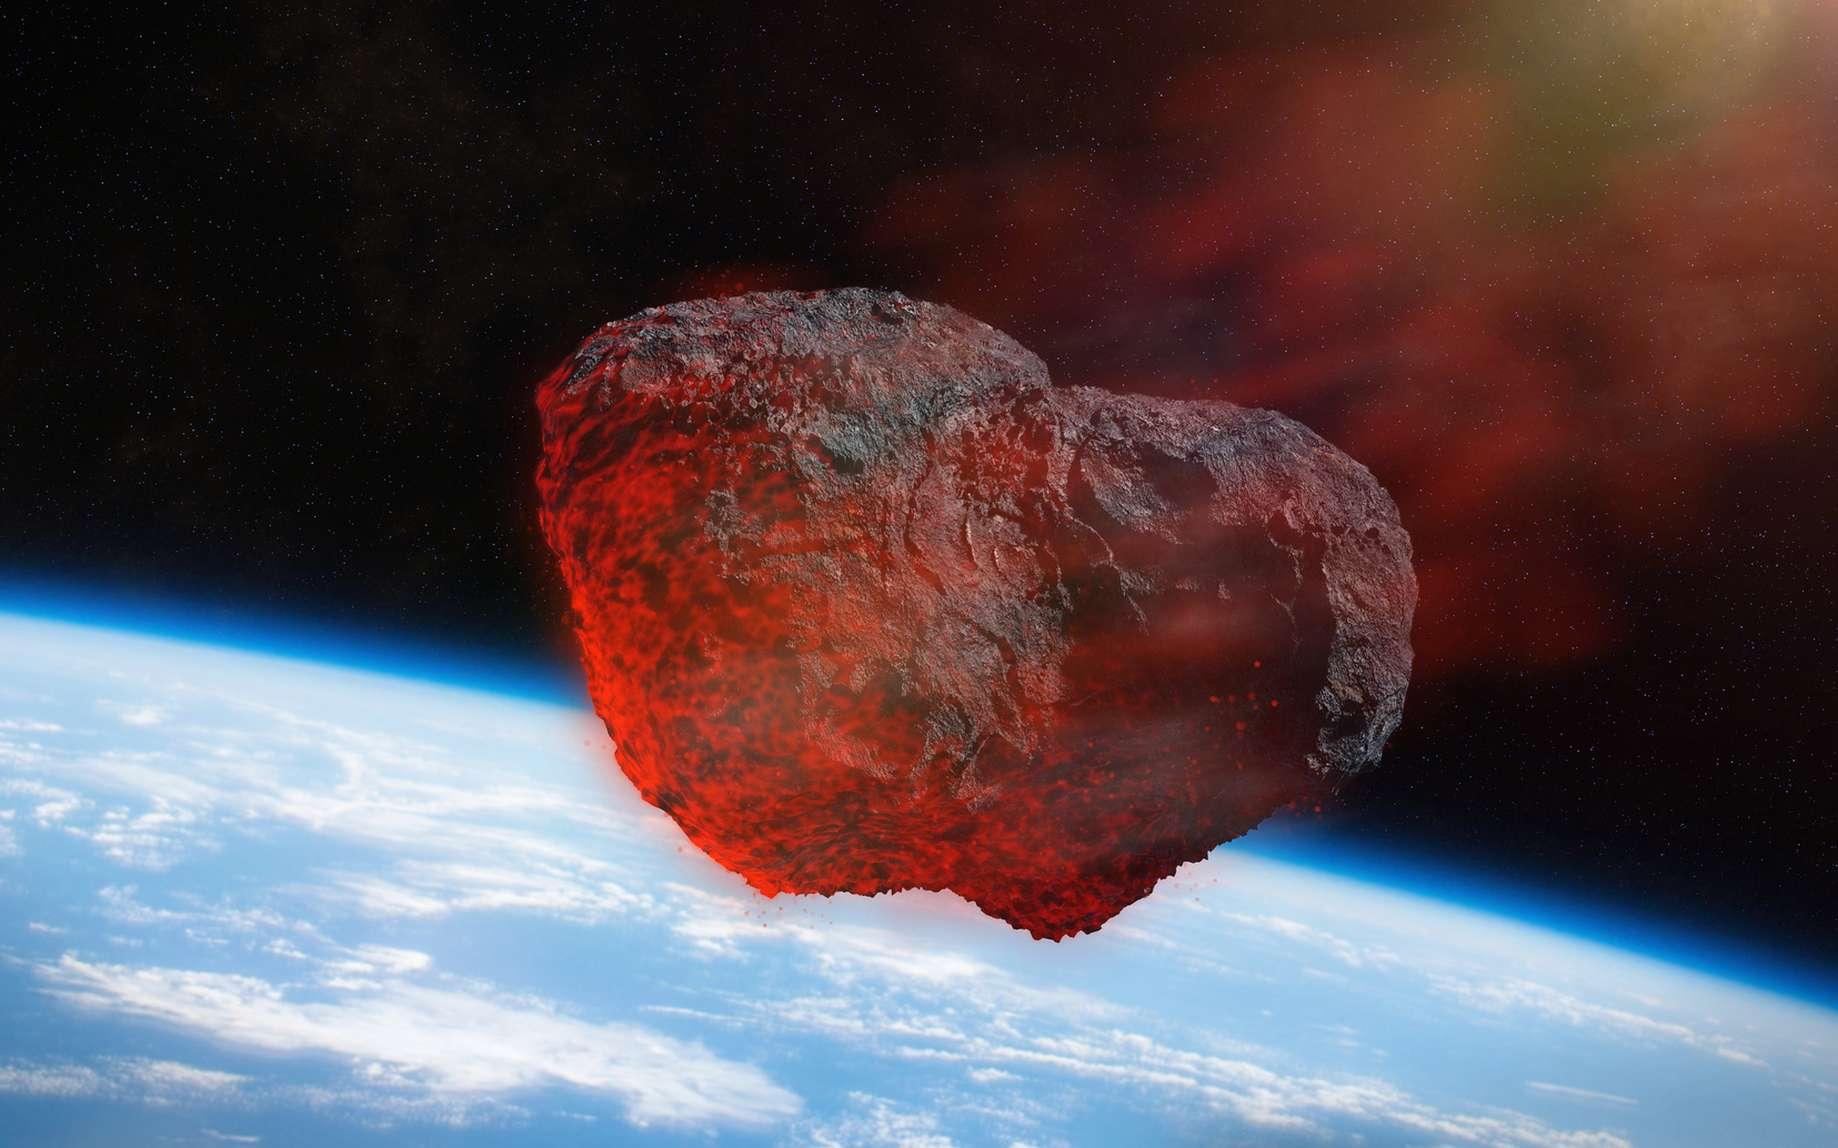 Illustration d'un astéroïde pénétrant dans l'atmosphère terrestre. © dottedyeti, fotolia